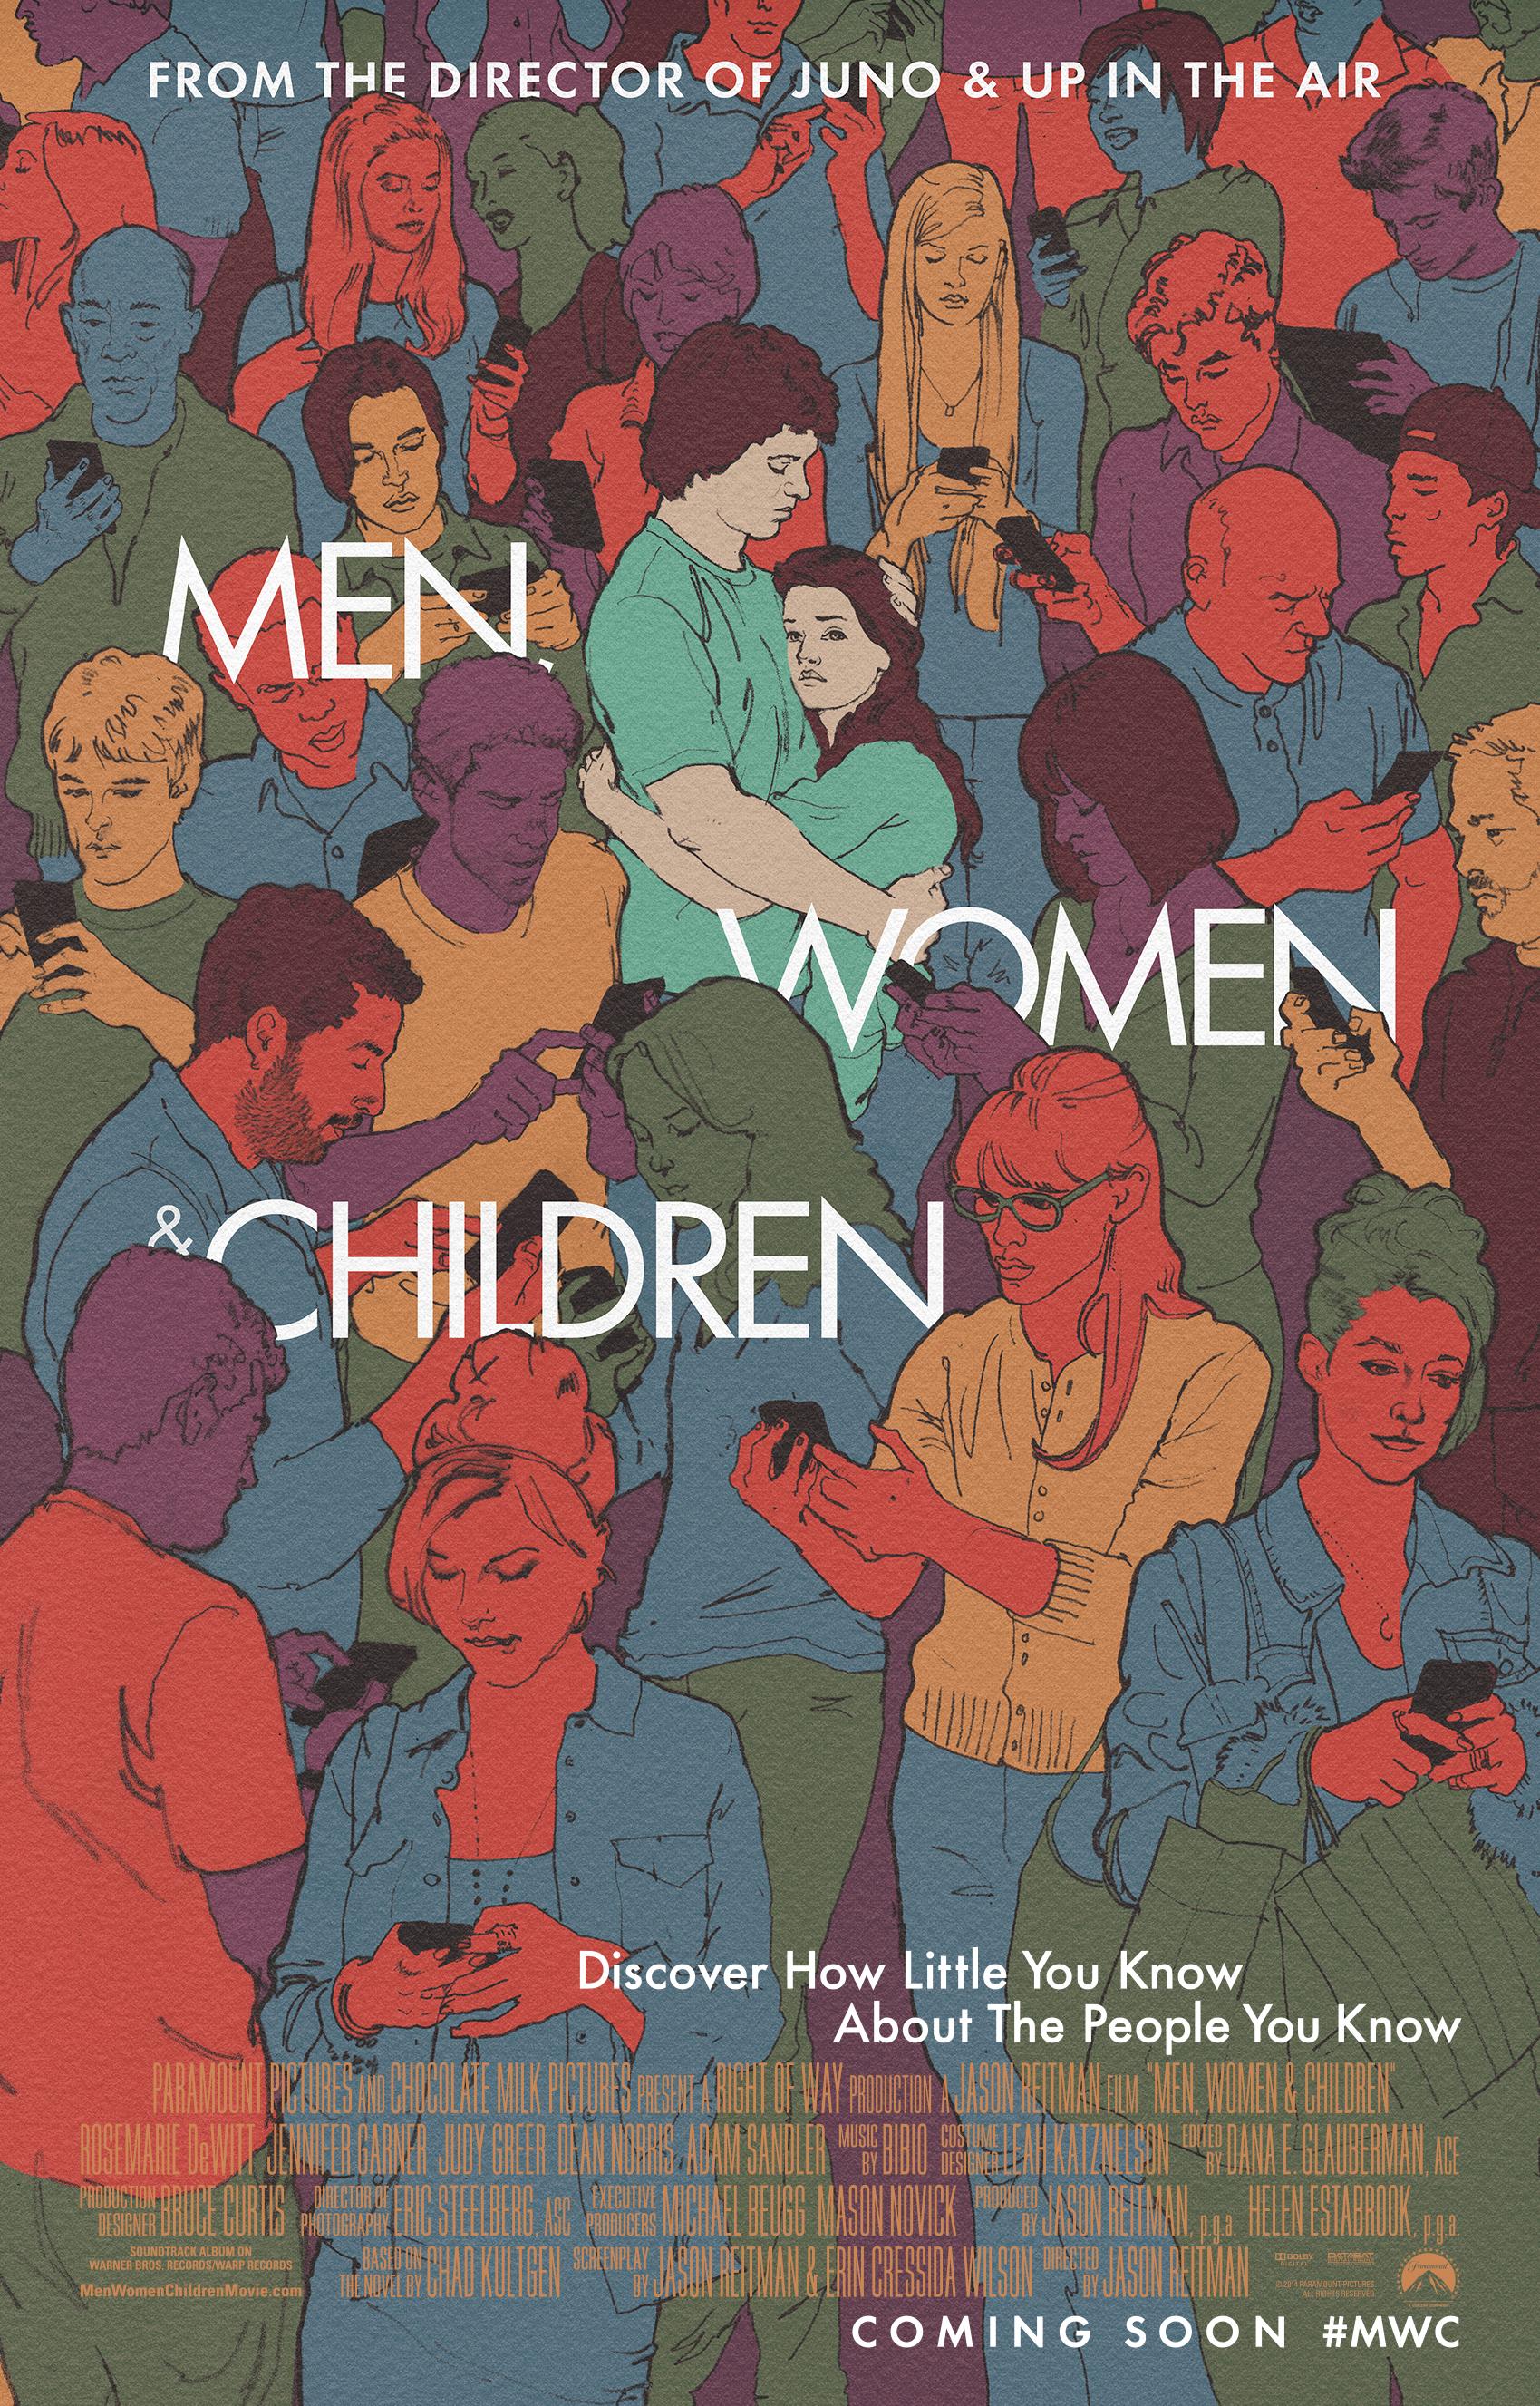 men-women-children-poster.jpg